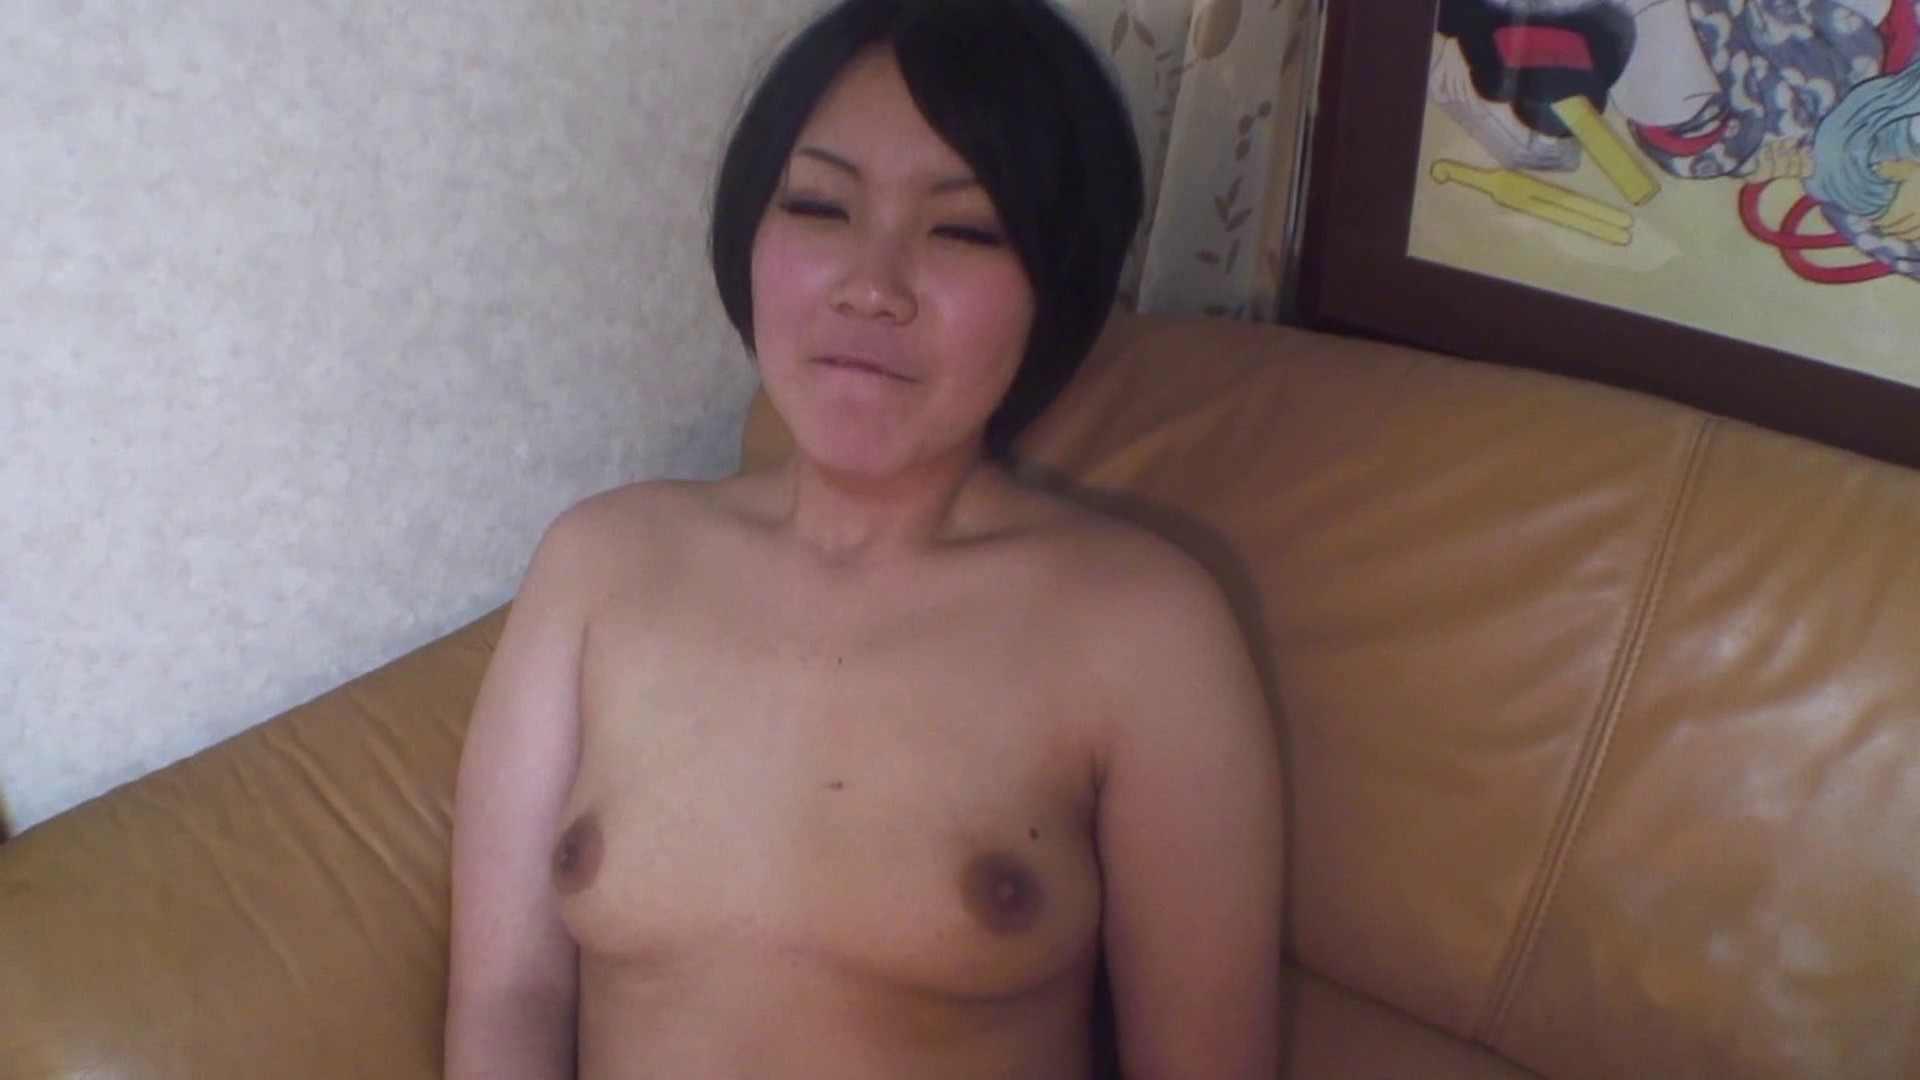 鬼才沖本監督 軽い気持ちで来てしまった女 フェラ動画 | セックス  109画像 26